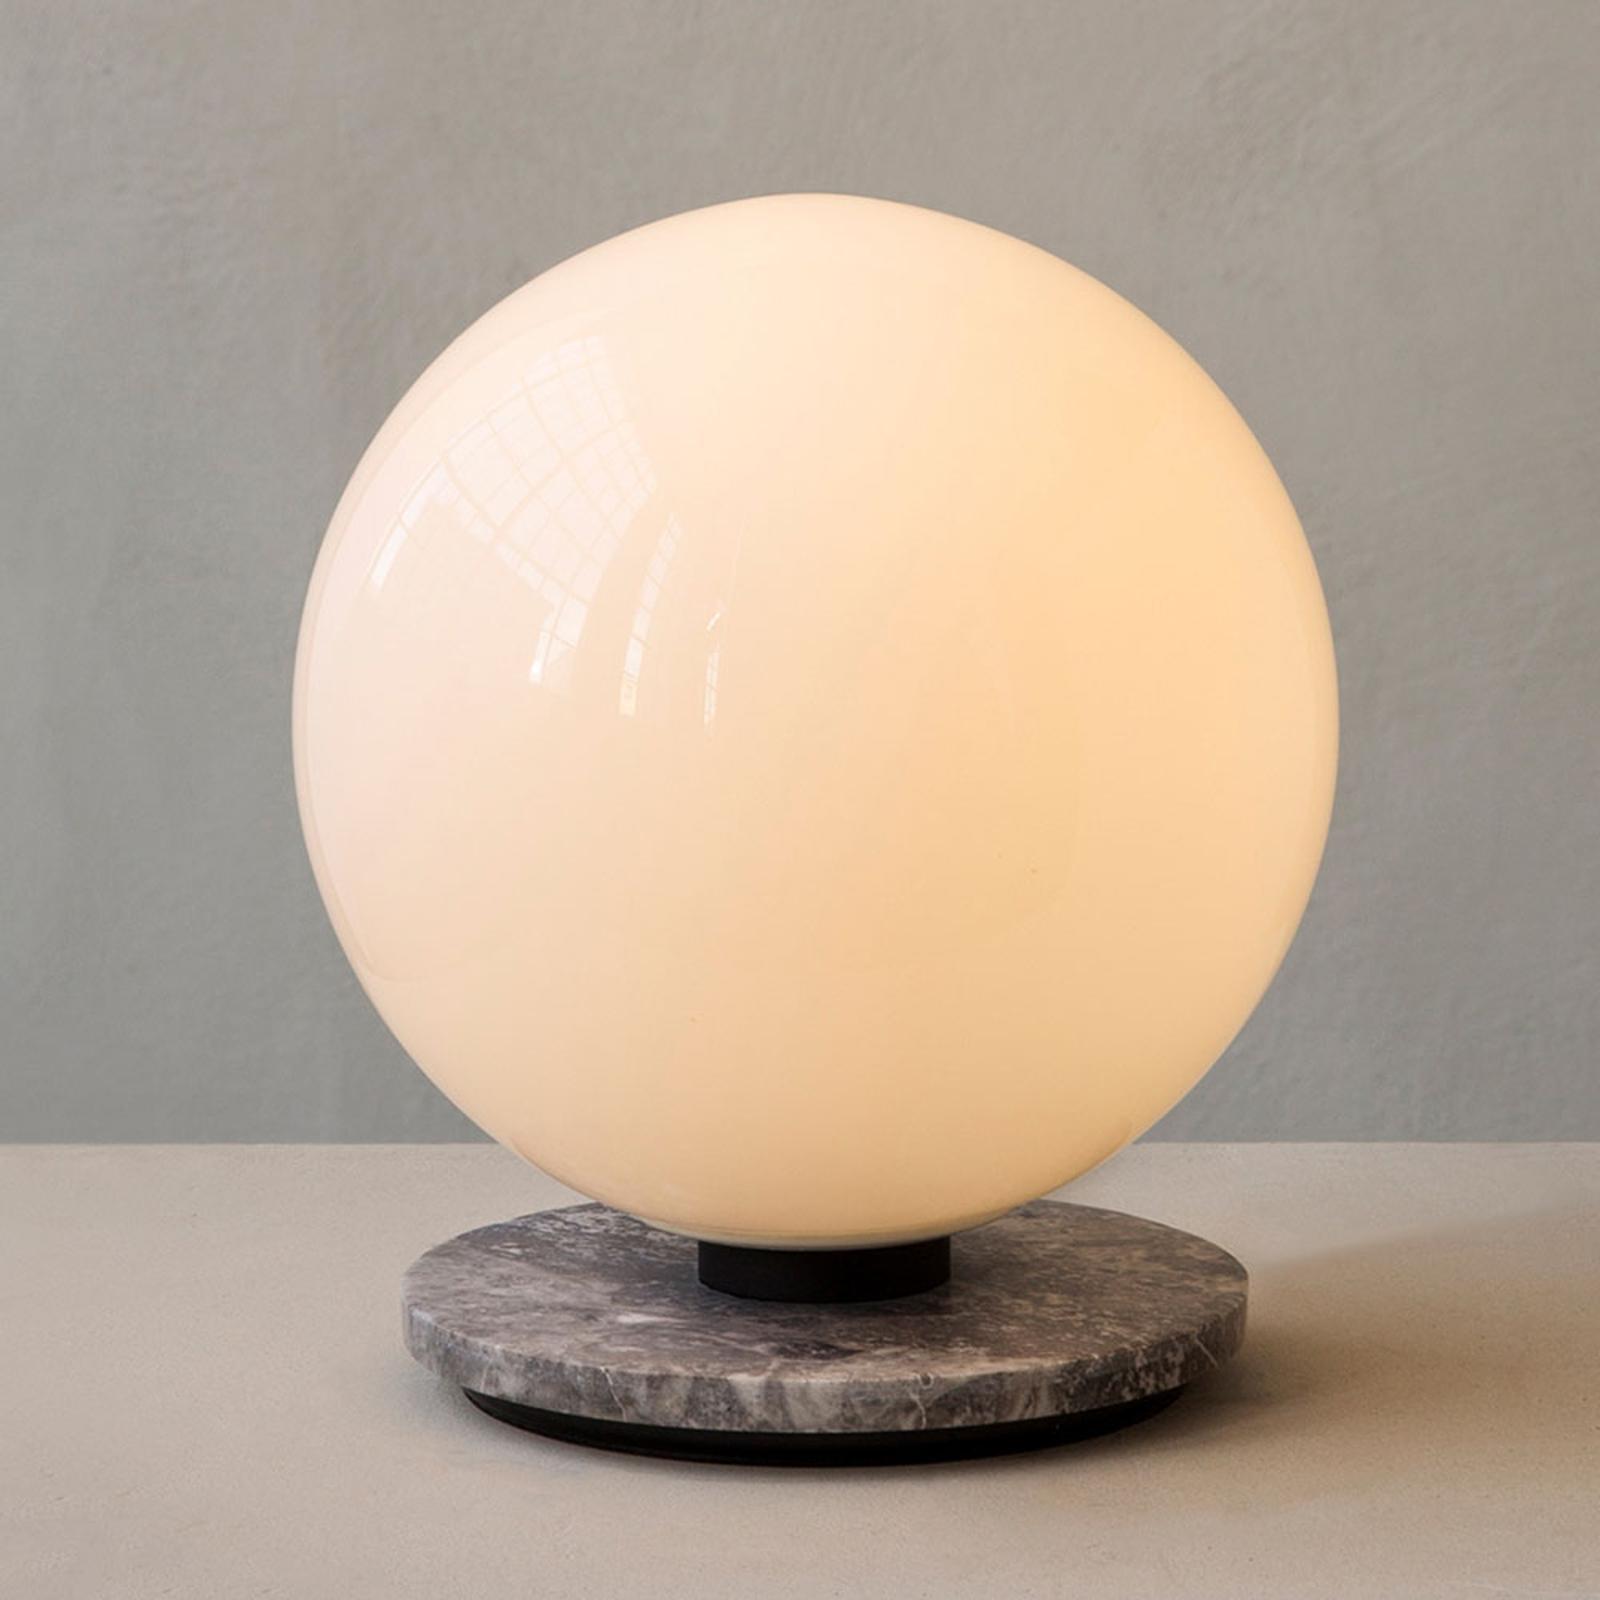 Billede af Menu TR Bulb DTW bordlampe 22 cm marmor/opal blank